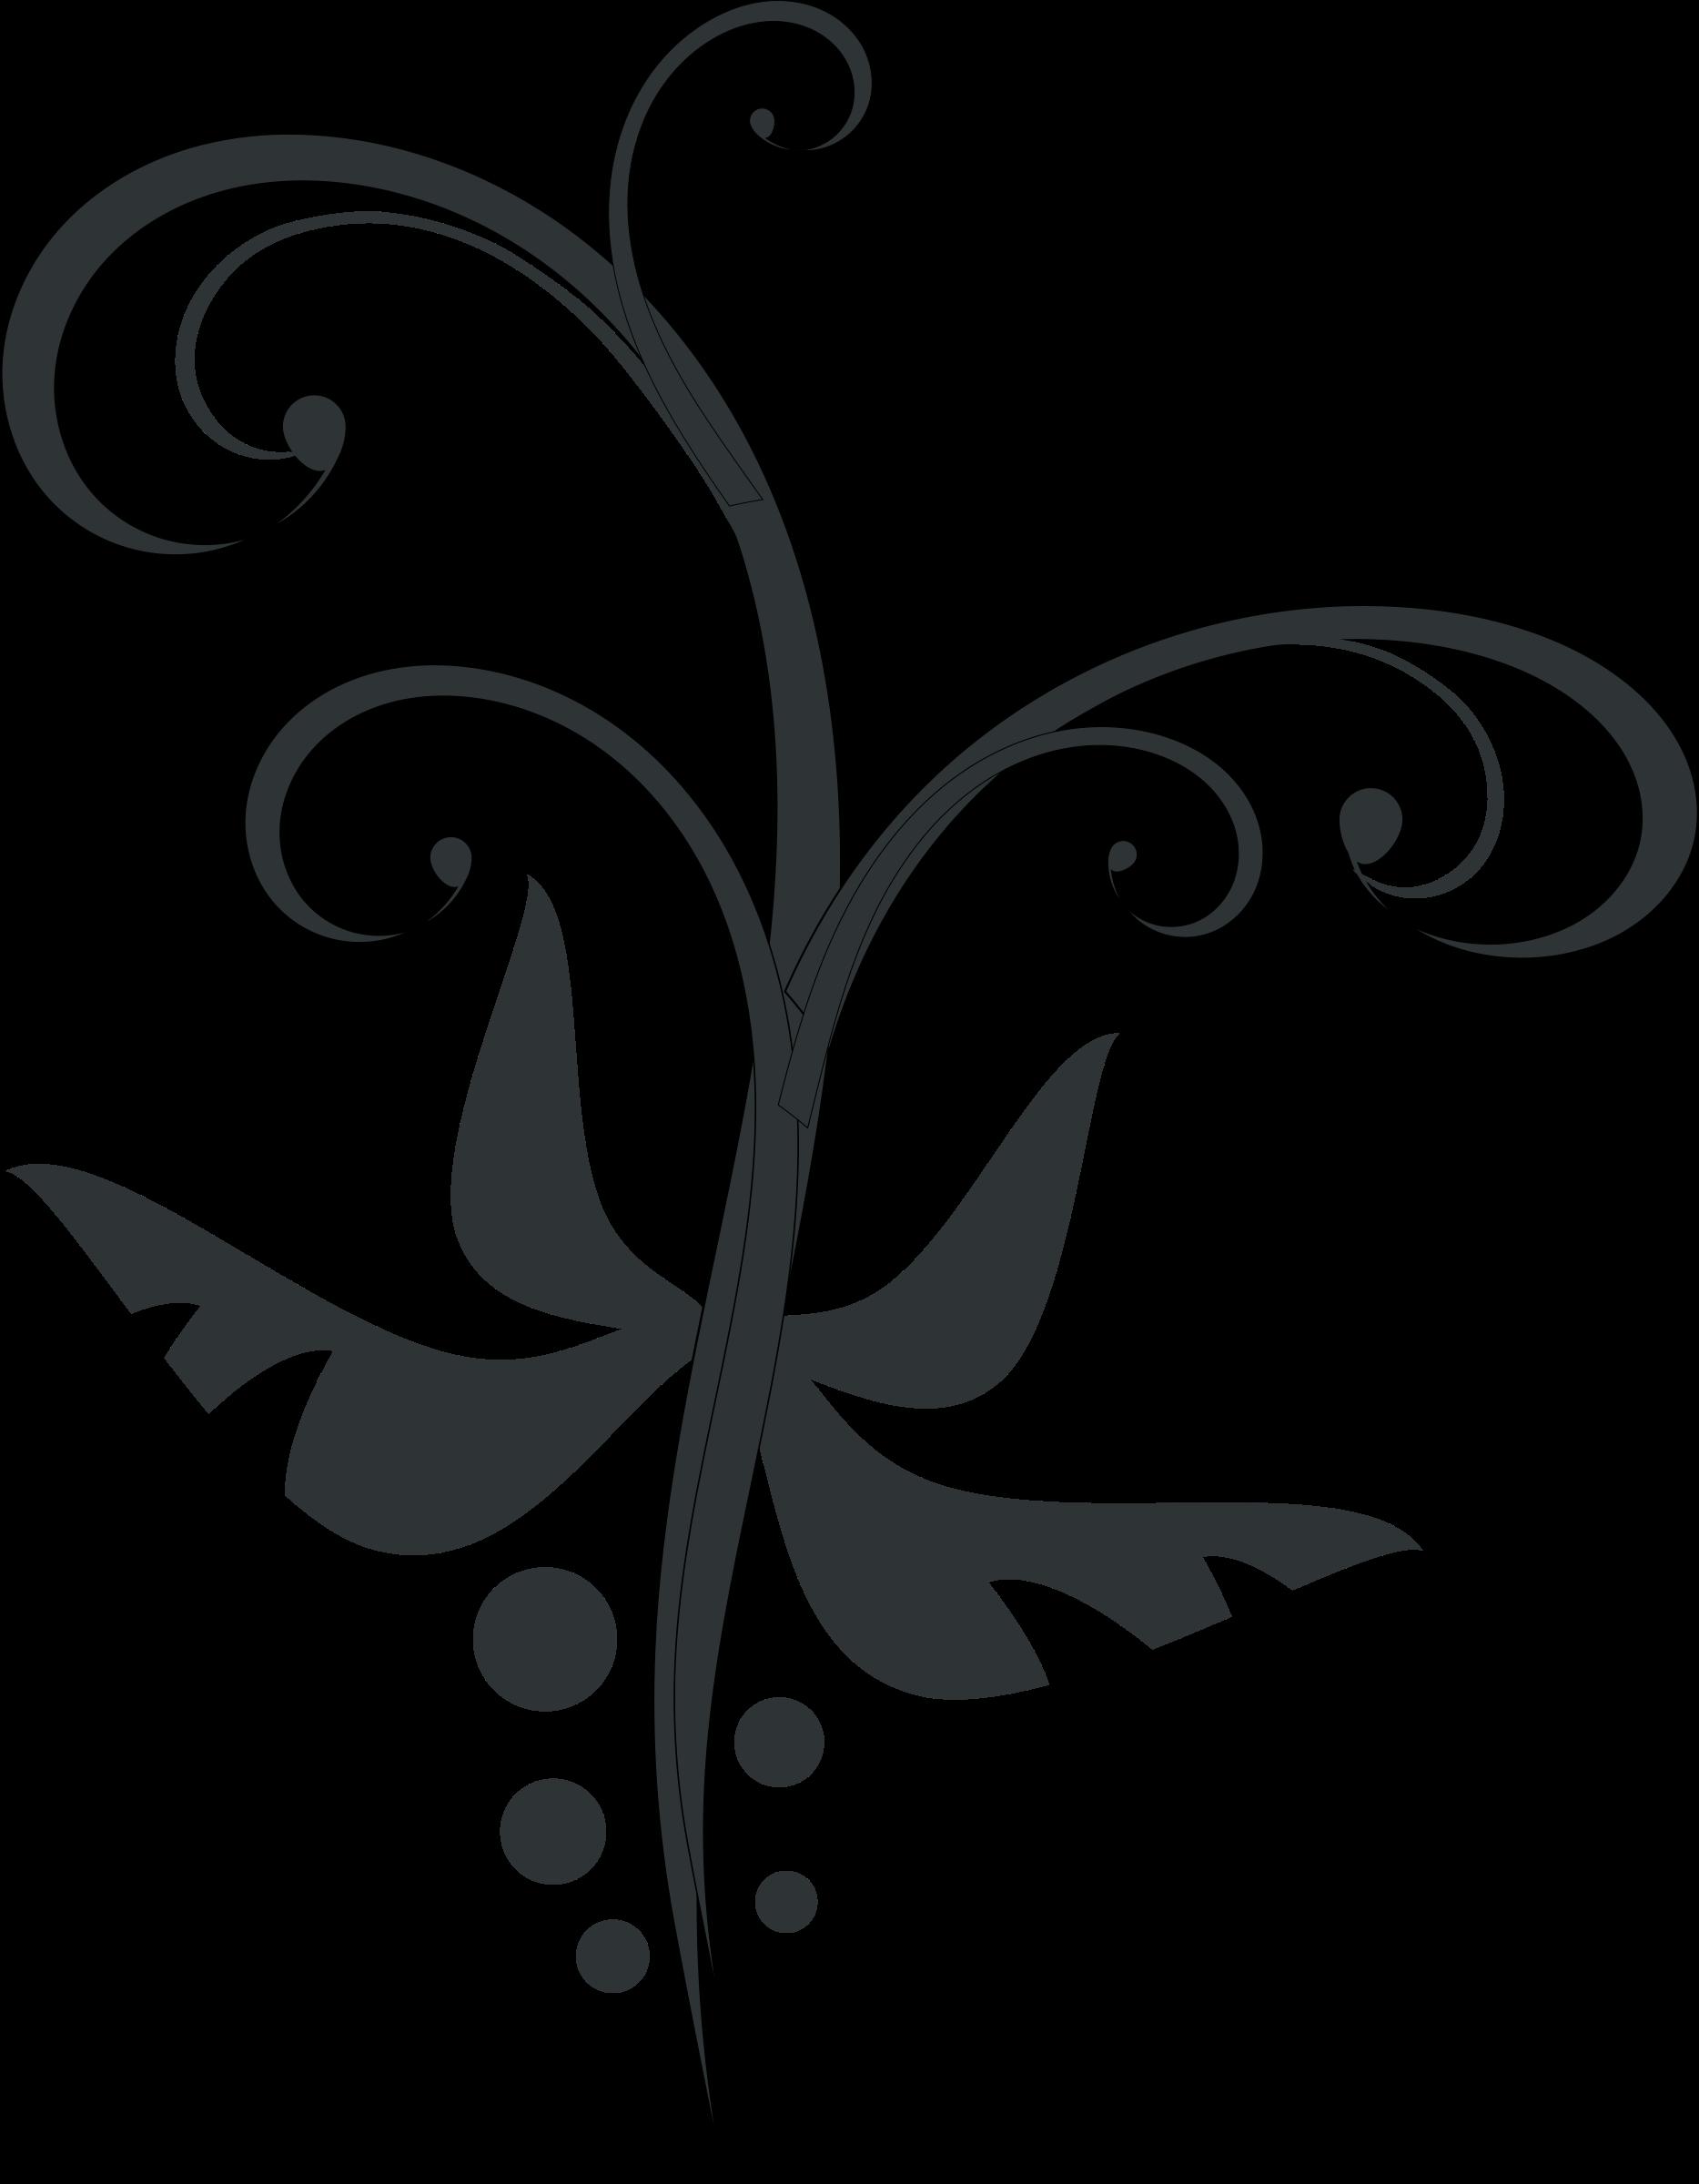 Clipart butterfly swirl. Swirls vegetal big image